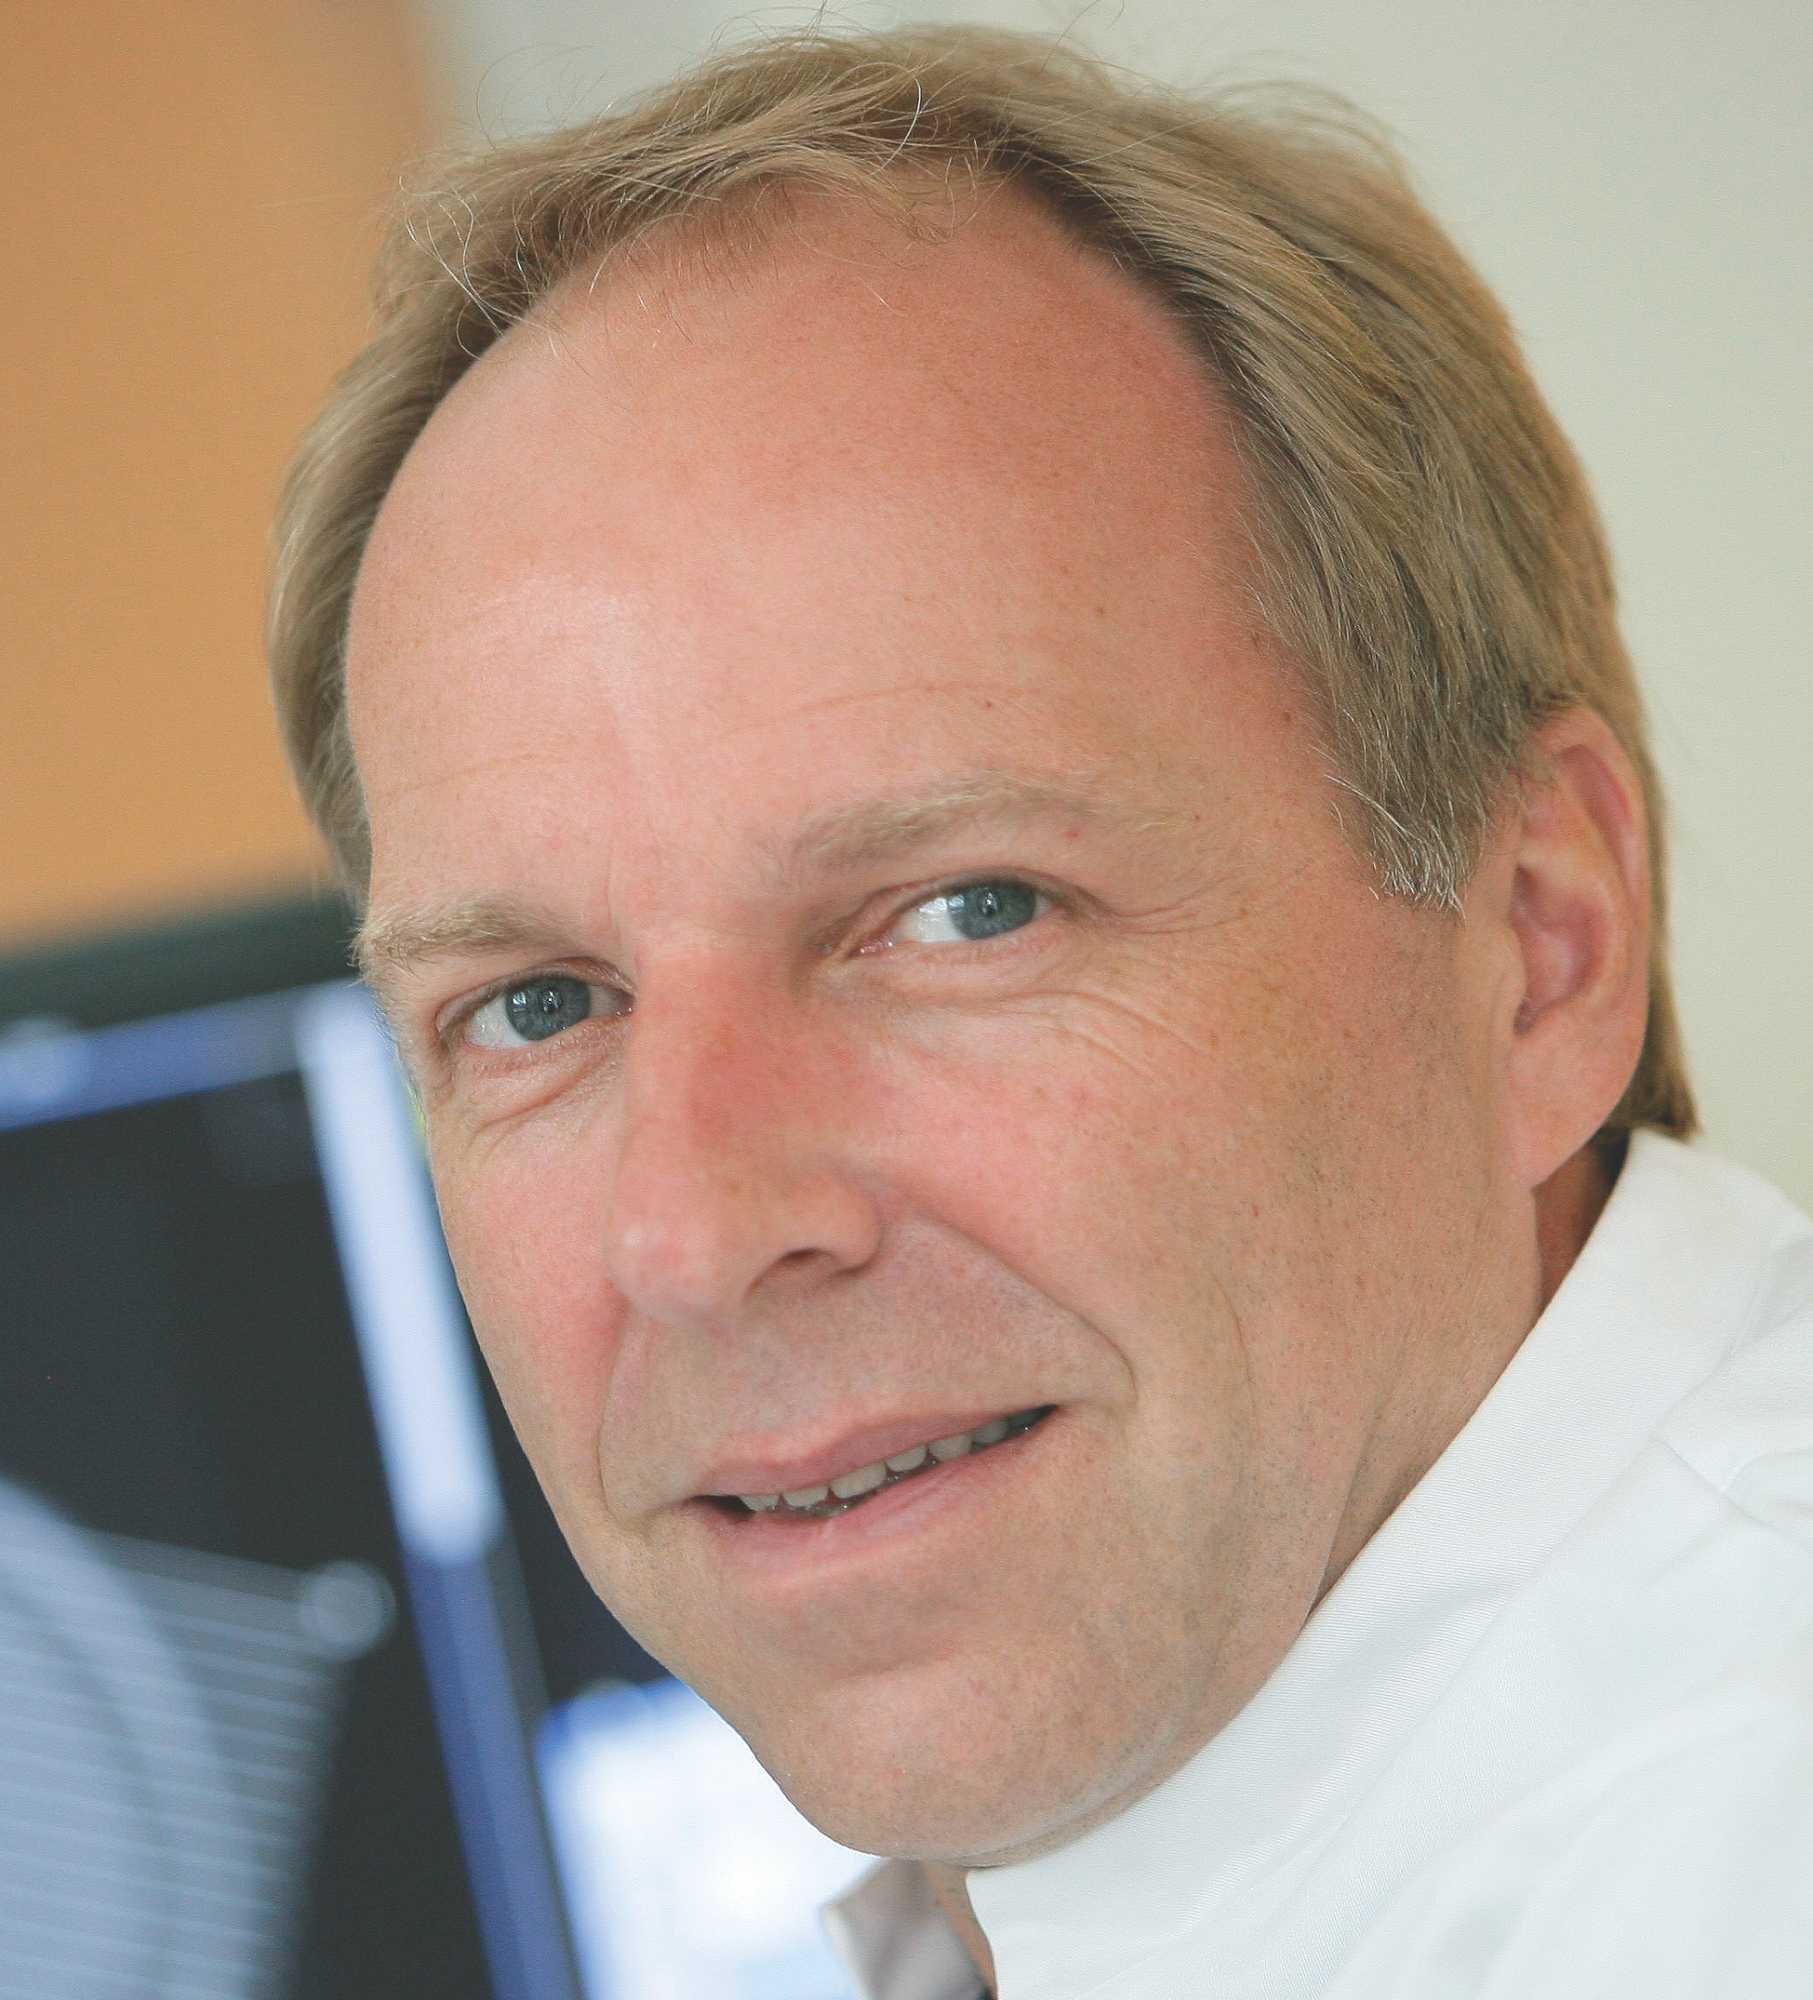 Michael Forsting sieht amerikanische Konzerne im Wettlauf um klinische Patientendaten.